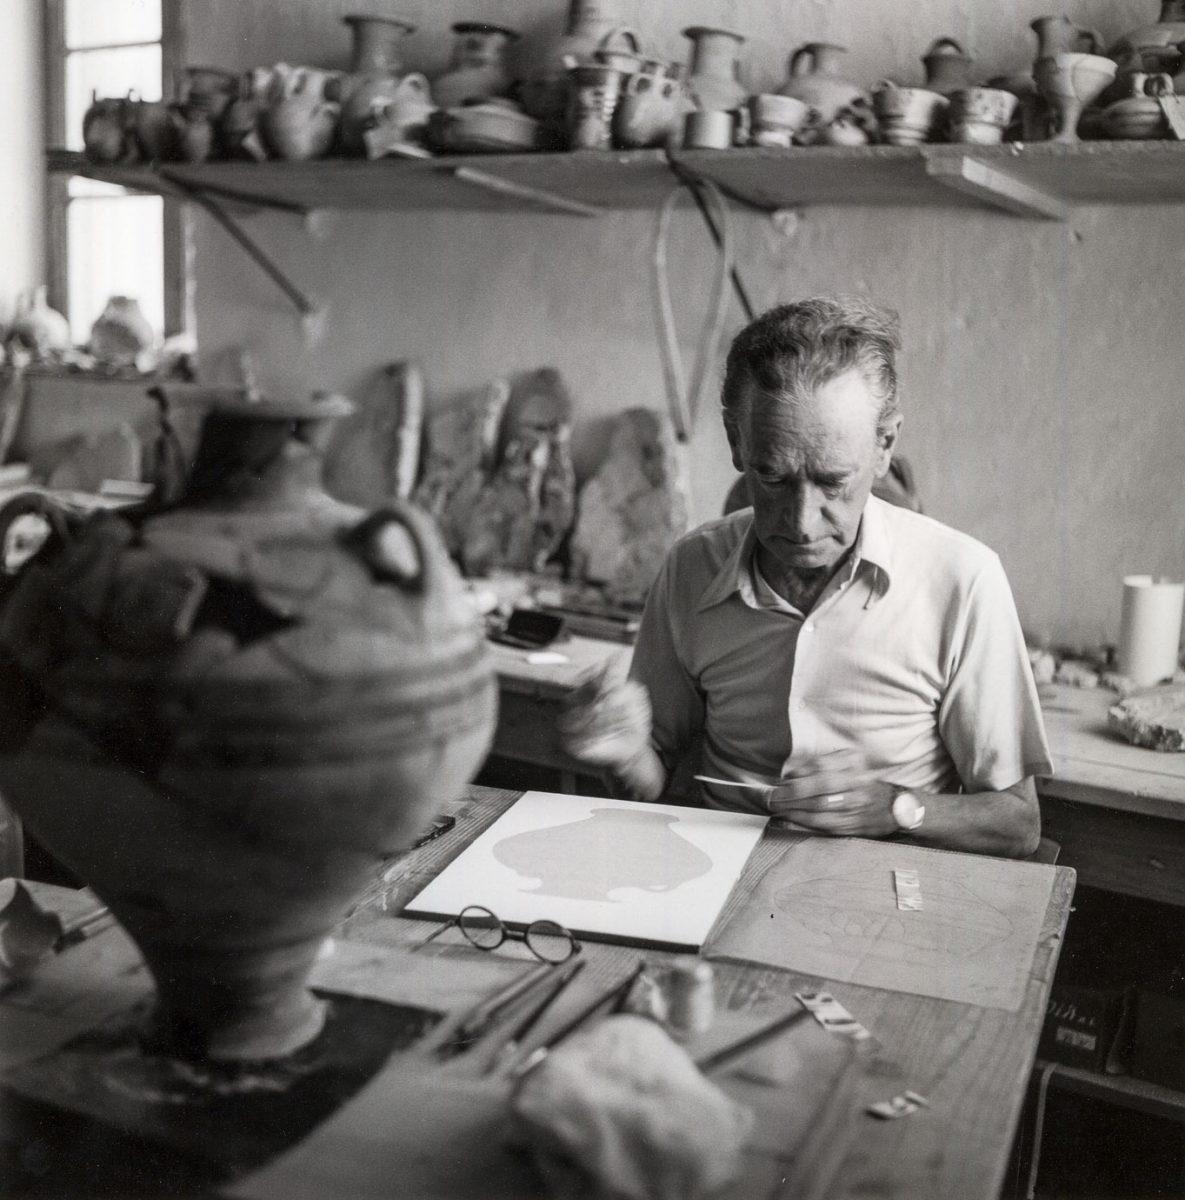 Πύλος 1955. Ο Piet de Jong, σπουδαίος εικονογράφος της αρχαιολογίας και αρχιτέκτονας, εργάζεται στο μουσείο της Χώρας σε υλικό από την ανασκαφή στο Παλάτι του Νέστορος, υπό τη διεύθυνση του Carl Blegen. © Robert A. McCabe.